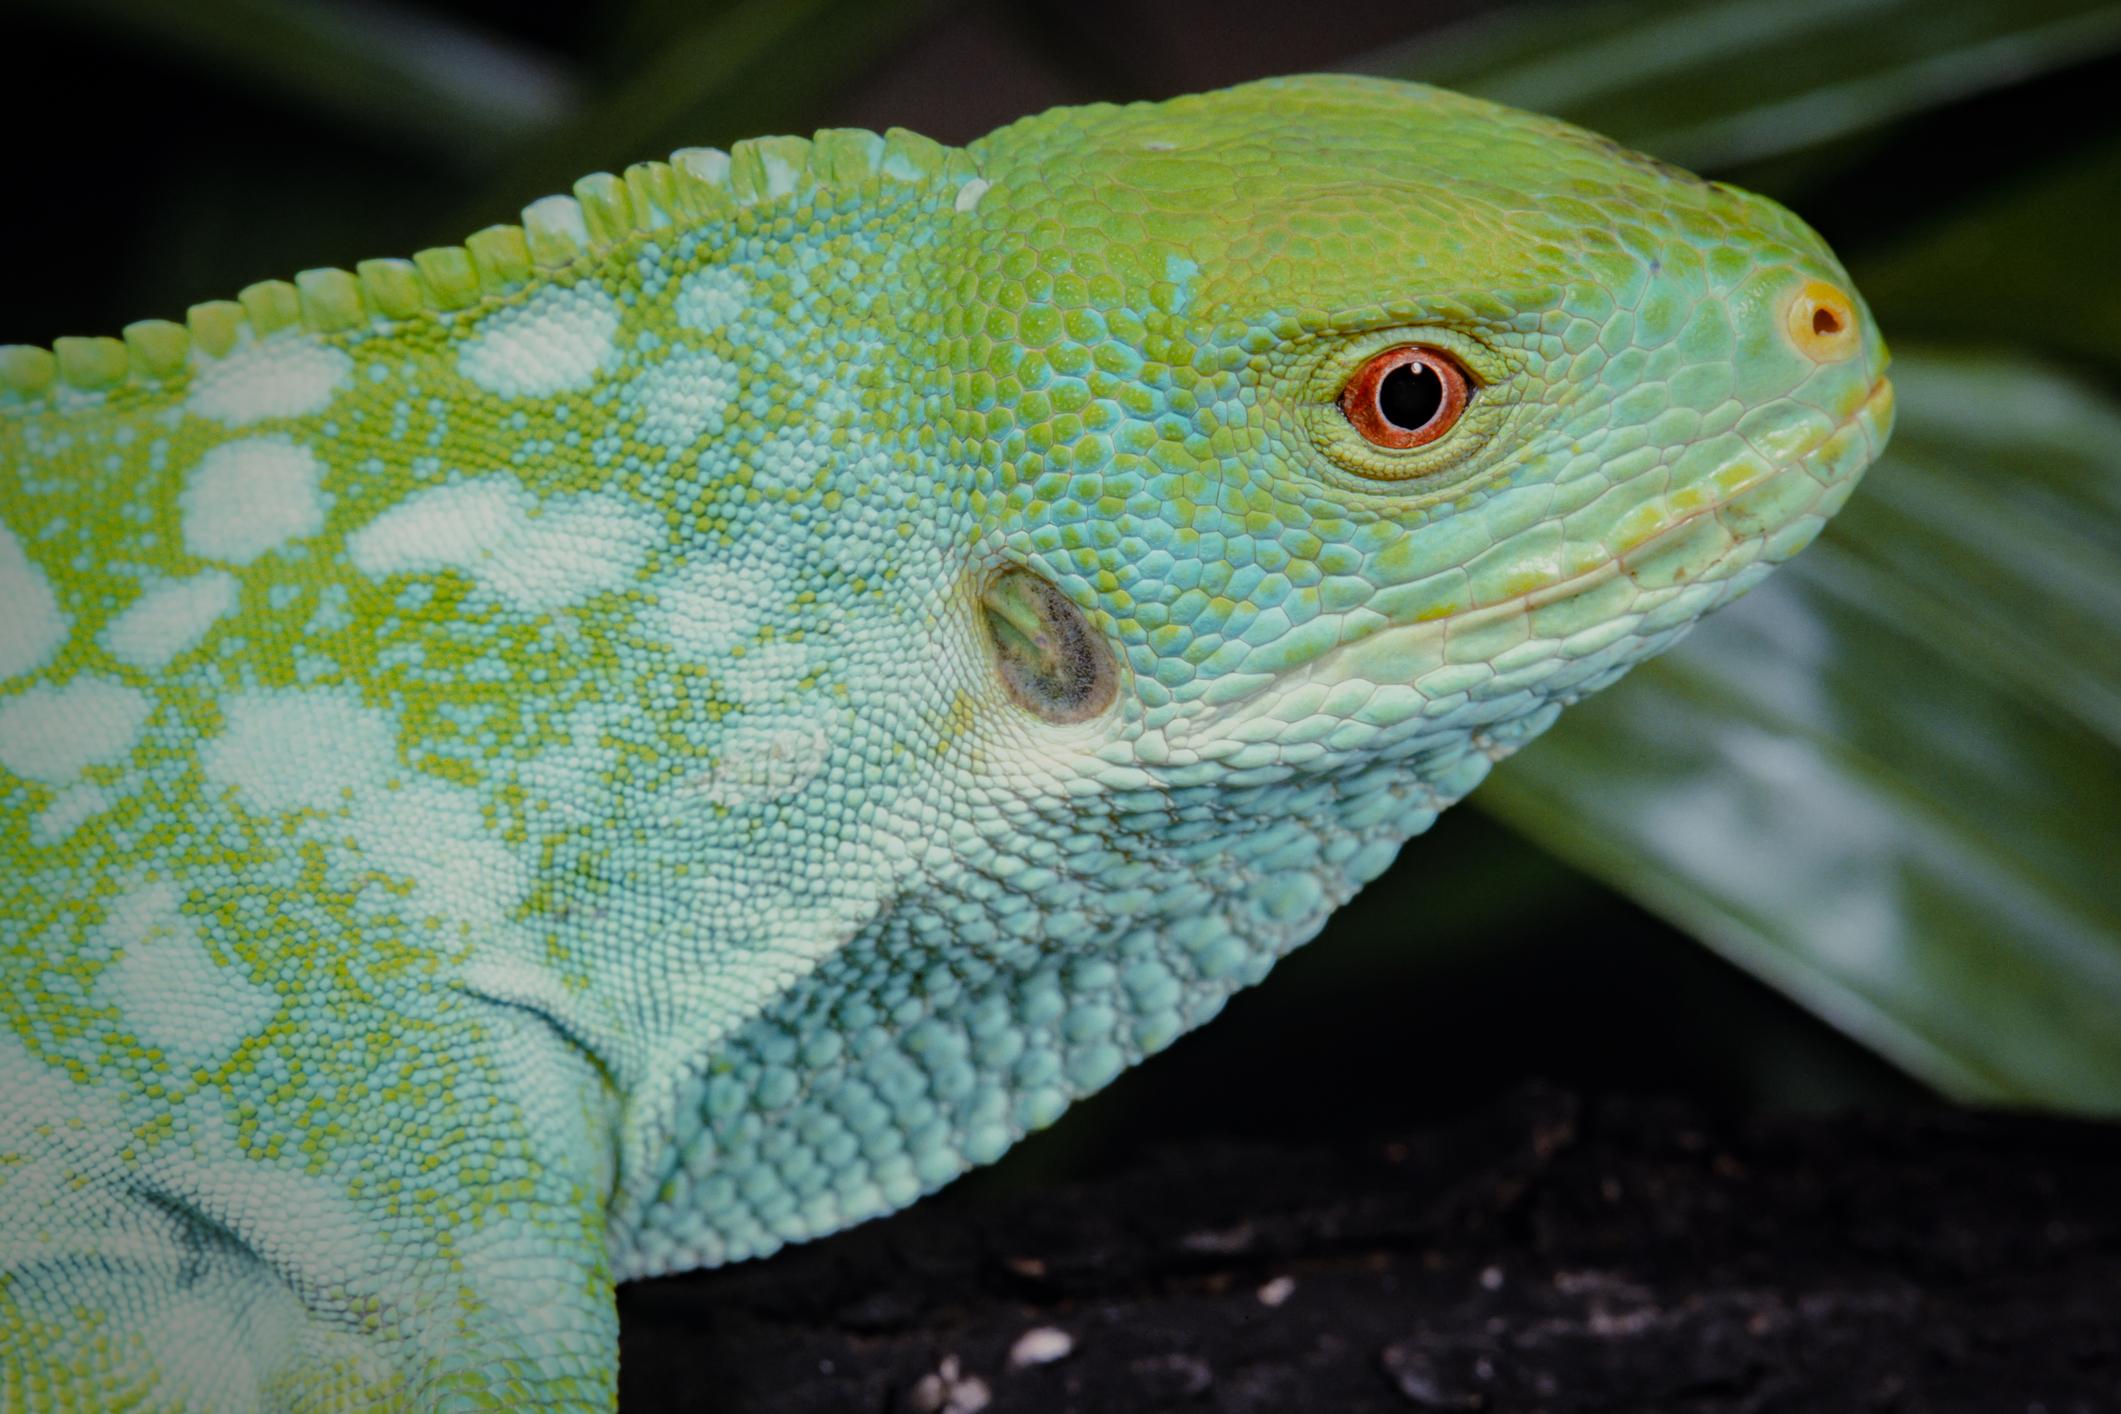 フィジー諸島に生息するタテガミフィジーイグアナは、IUCNの分類でCritically Endangered(CR、絶滅寸前)に指定されている